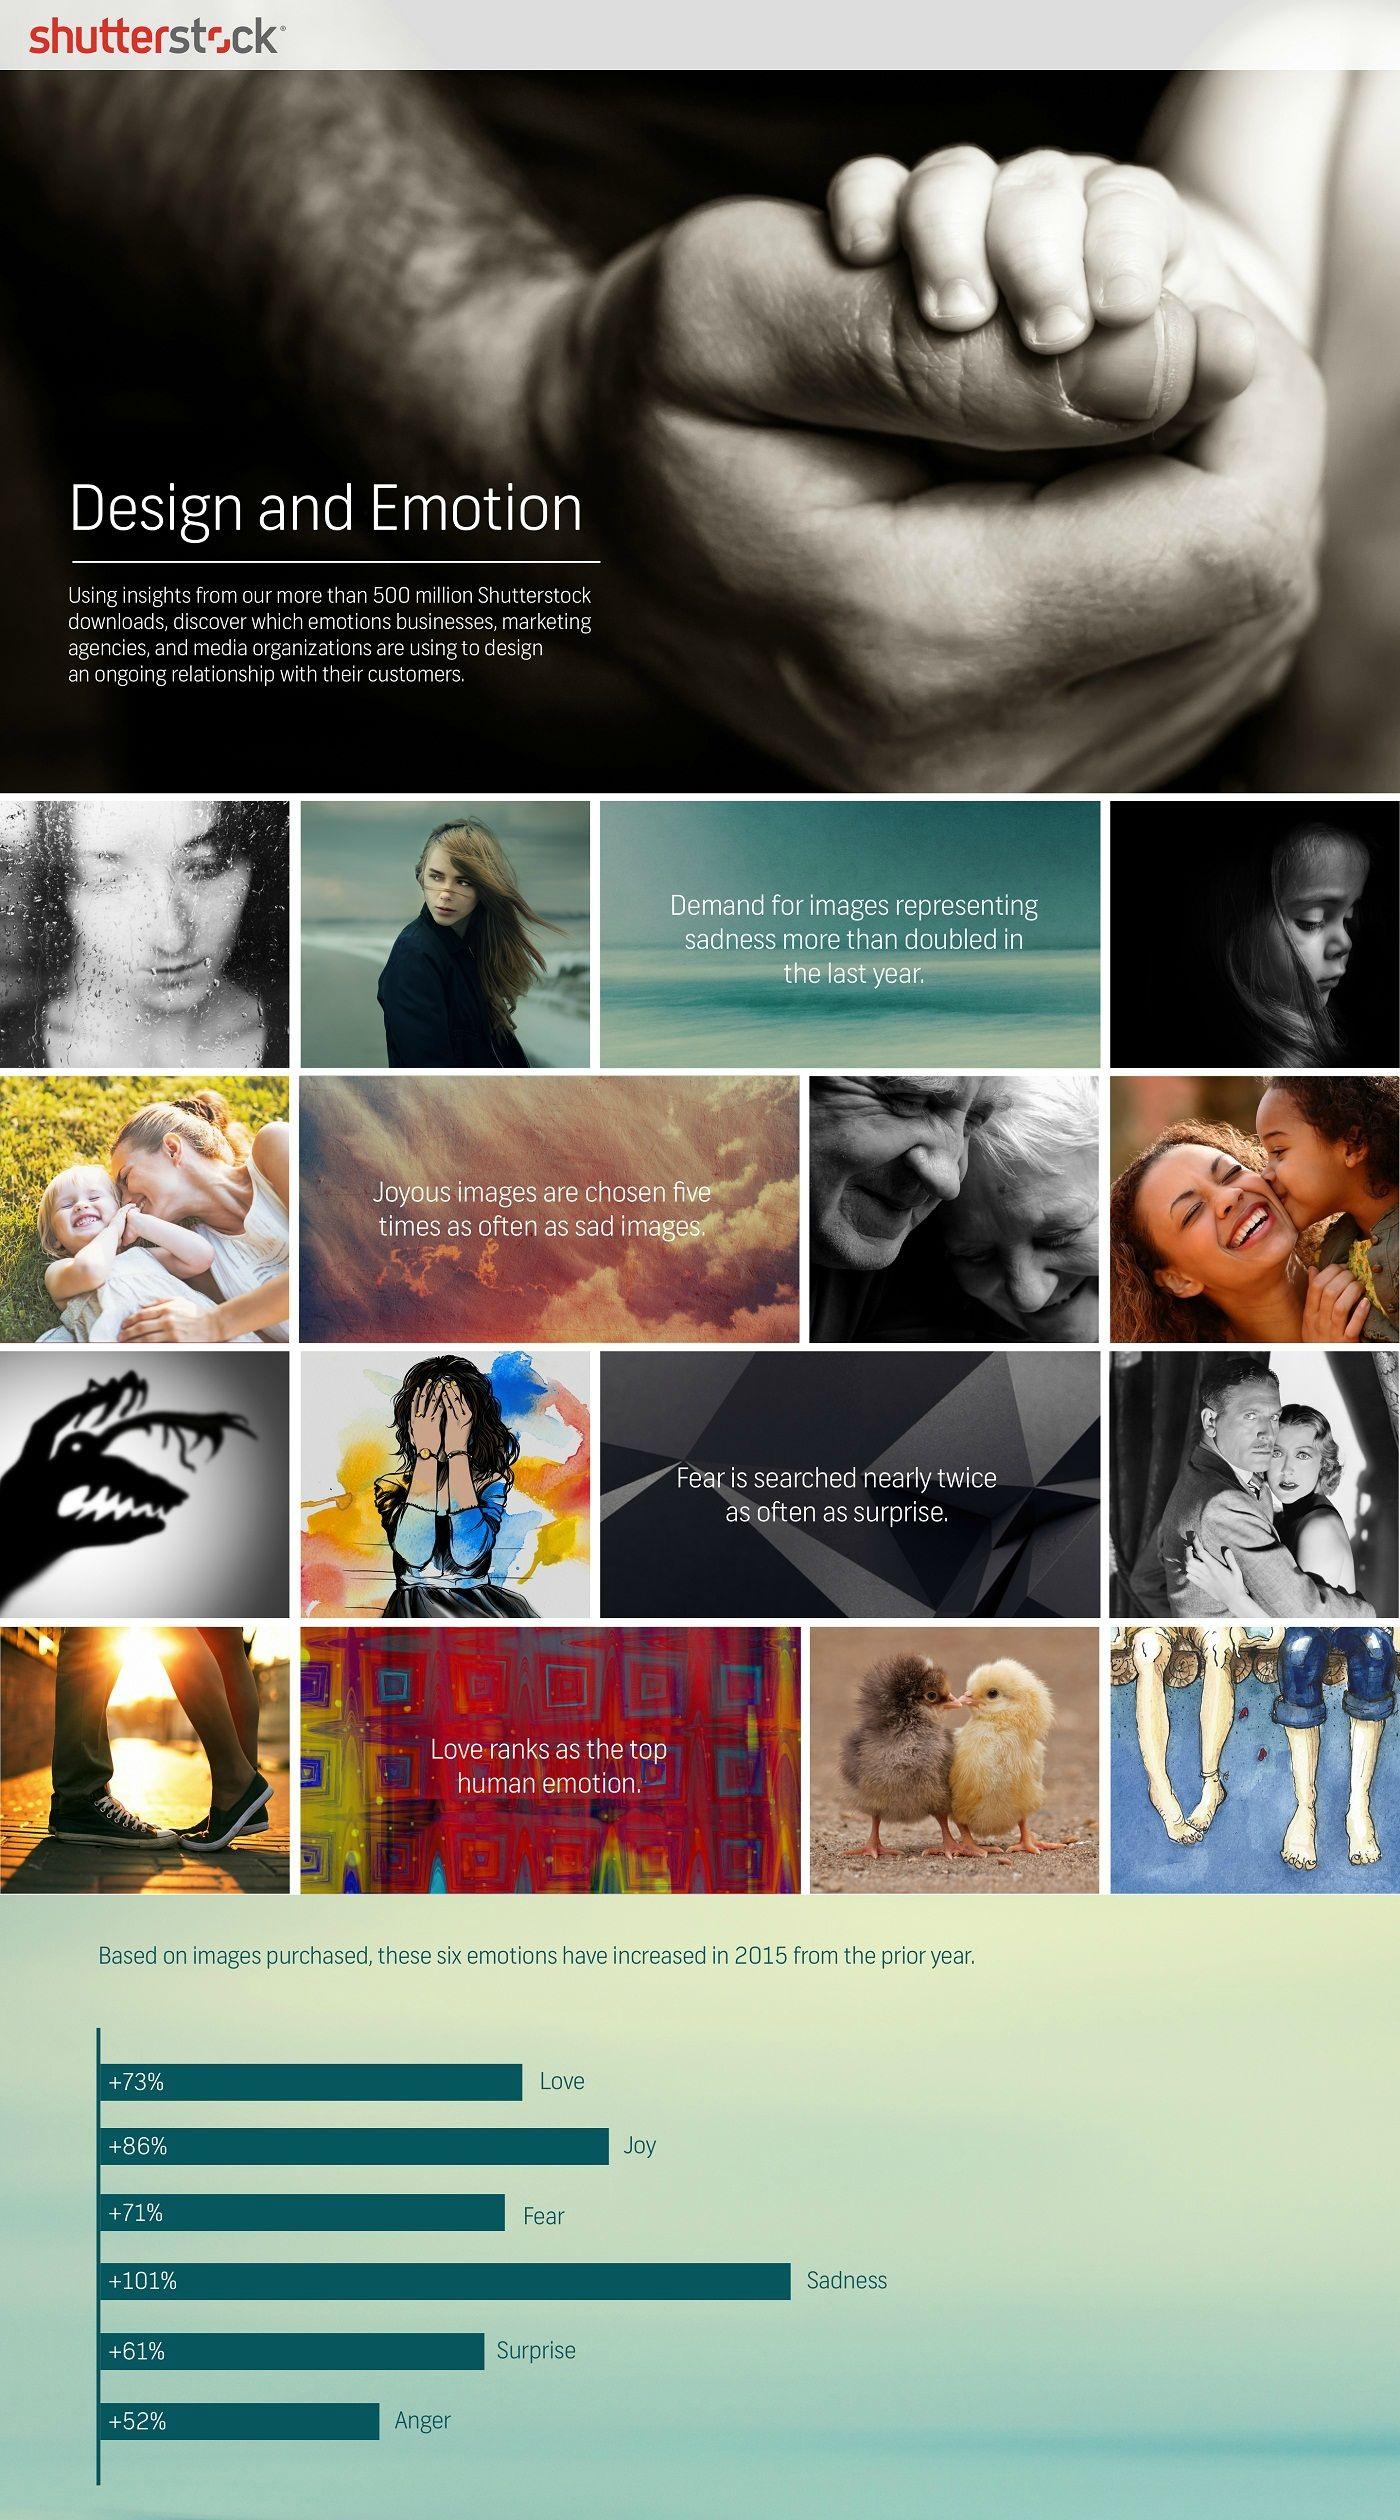 müşteri deneyimi duygu tasarımı shutterstock infografik